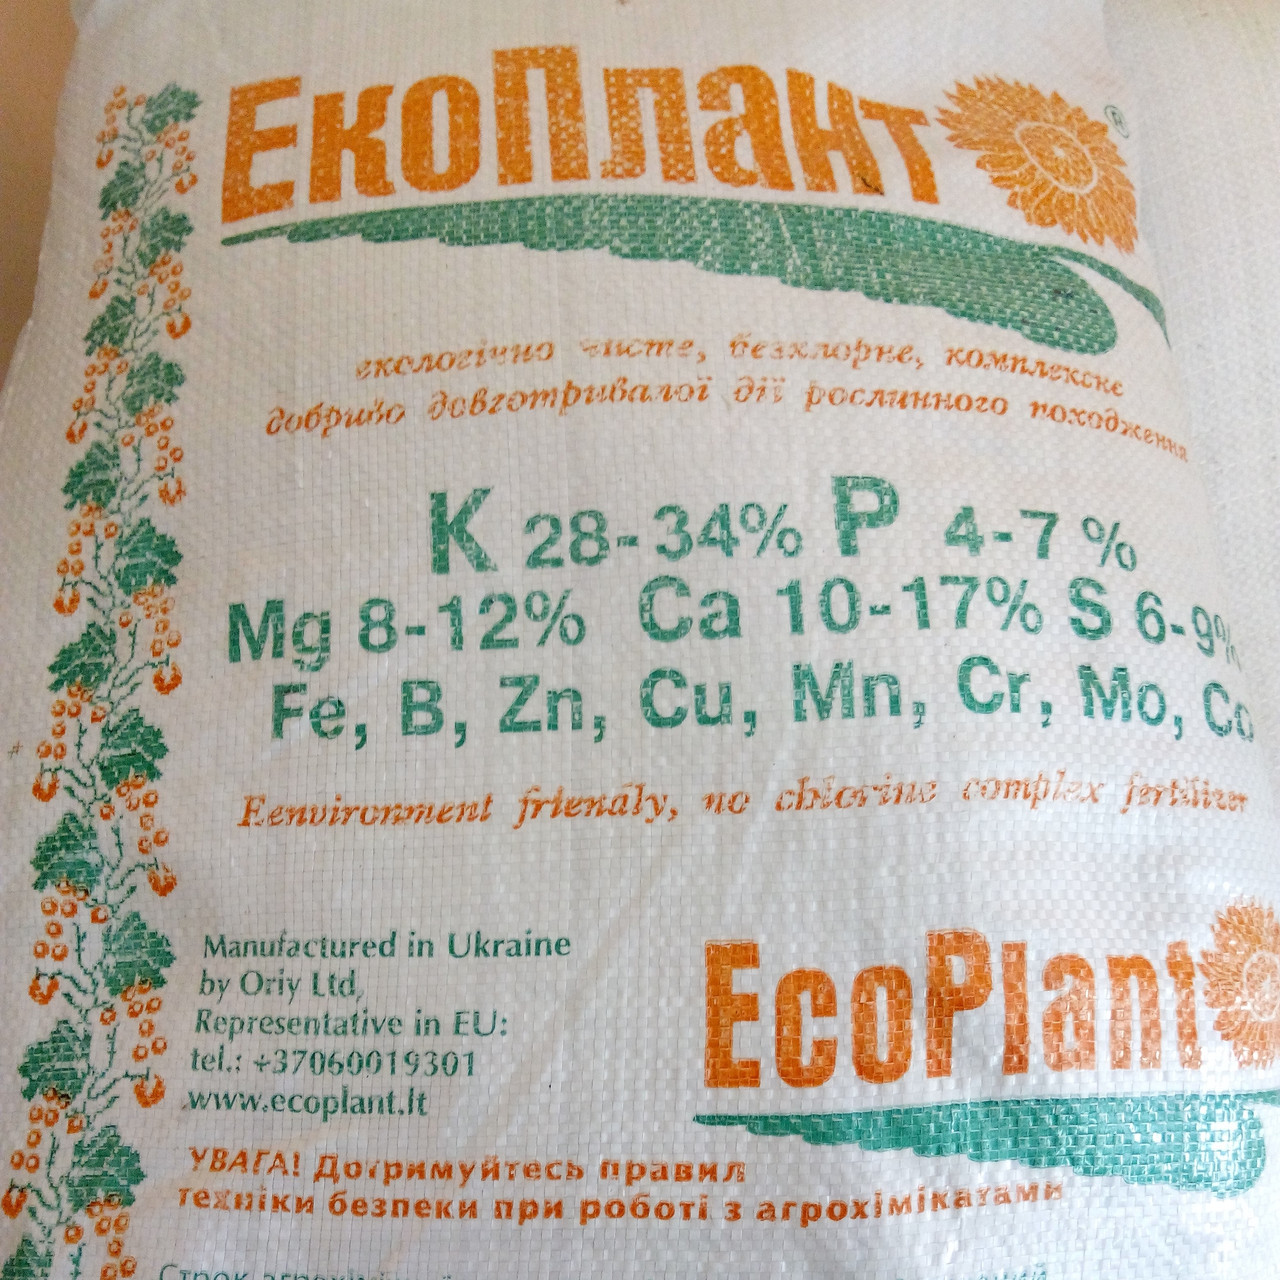 Удобрение ЕкоПлант, мешок 20 кг - P5%, K28%, Mg7%, Ca14%, S25% - (68241121)